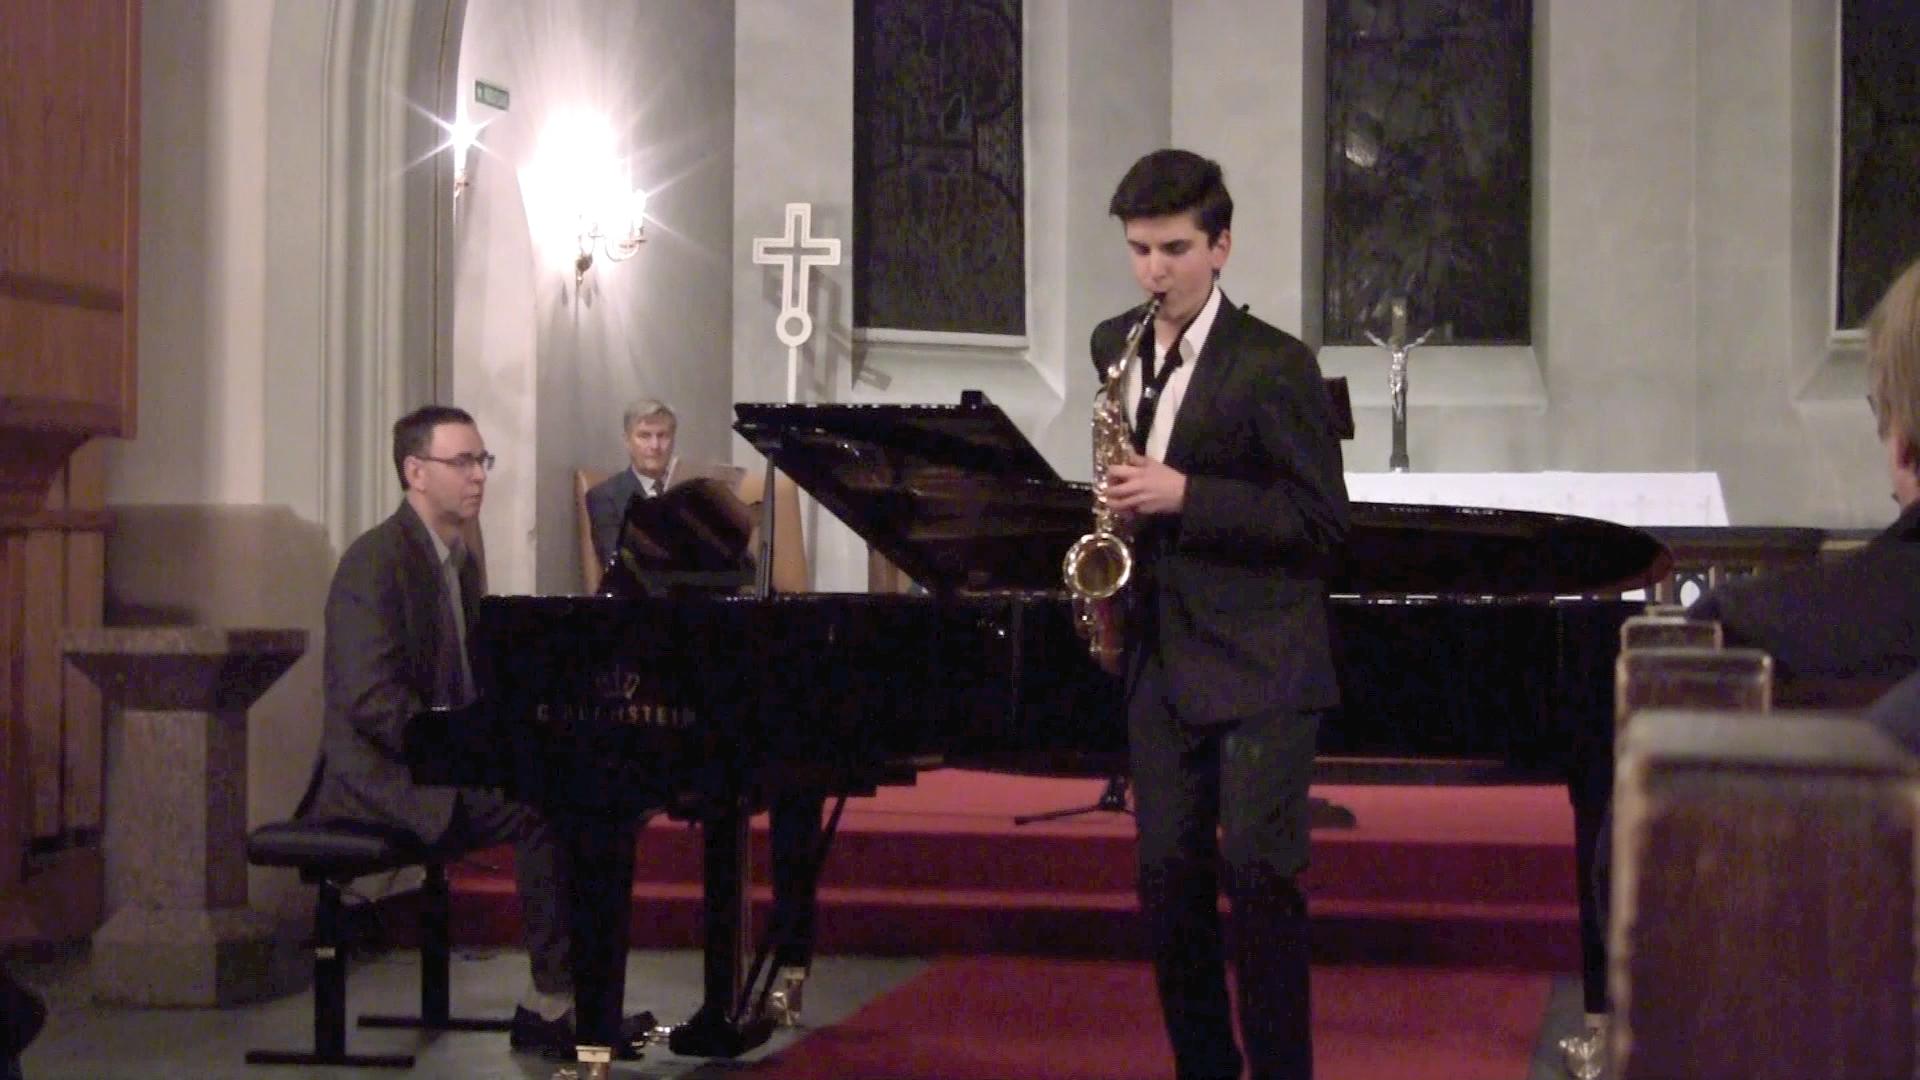 Vinnernummeret i Rotary musikkonkurranse 2013.  Pianist: Per Arne Frantzen